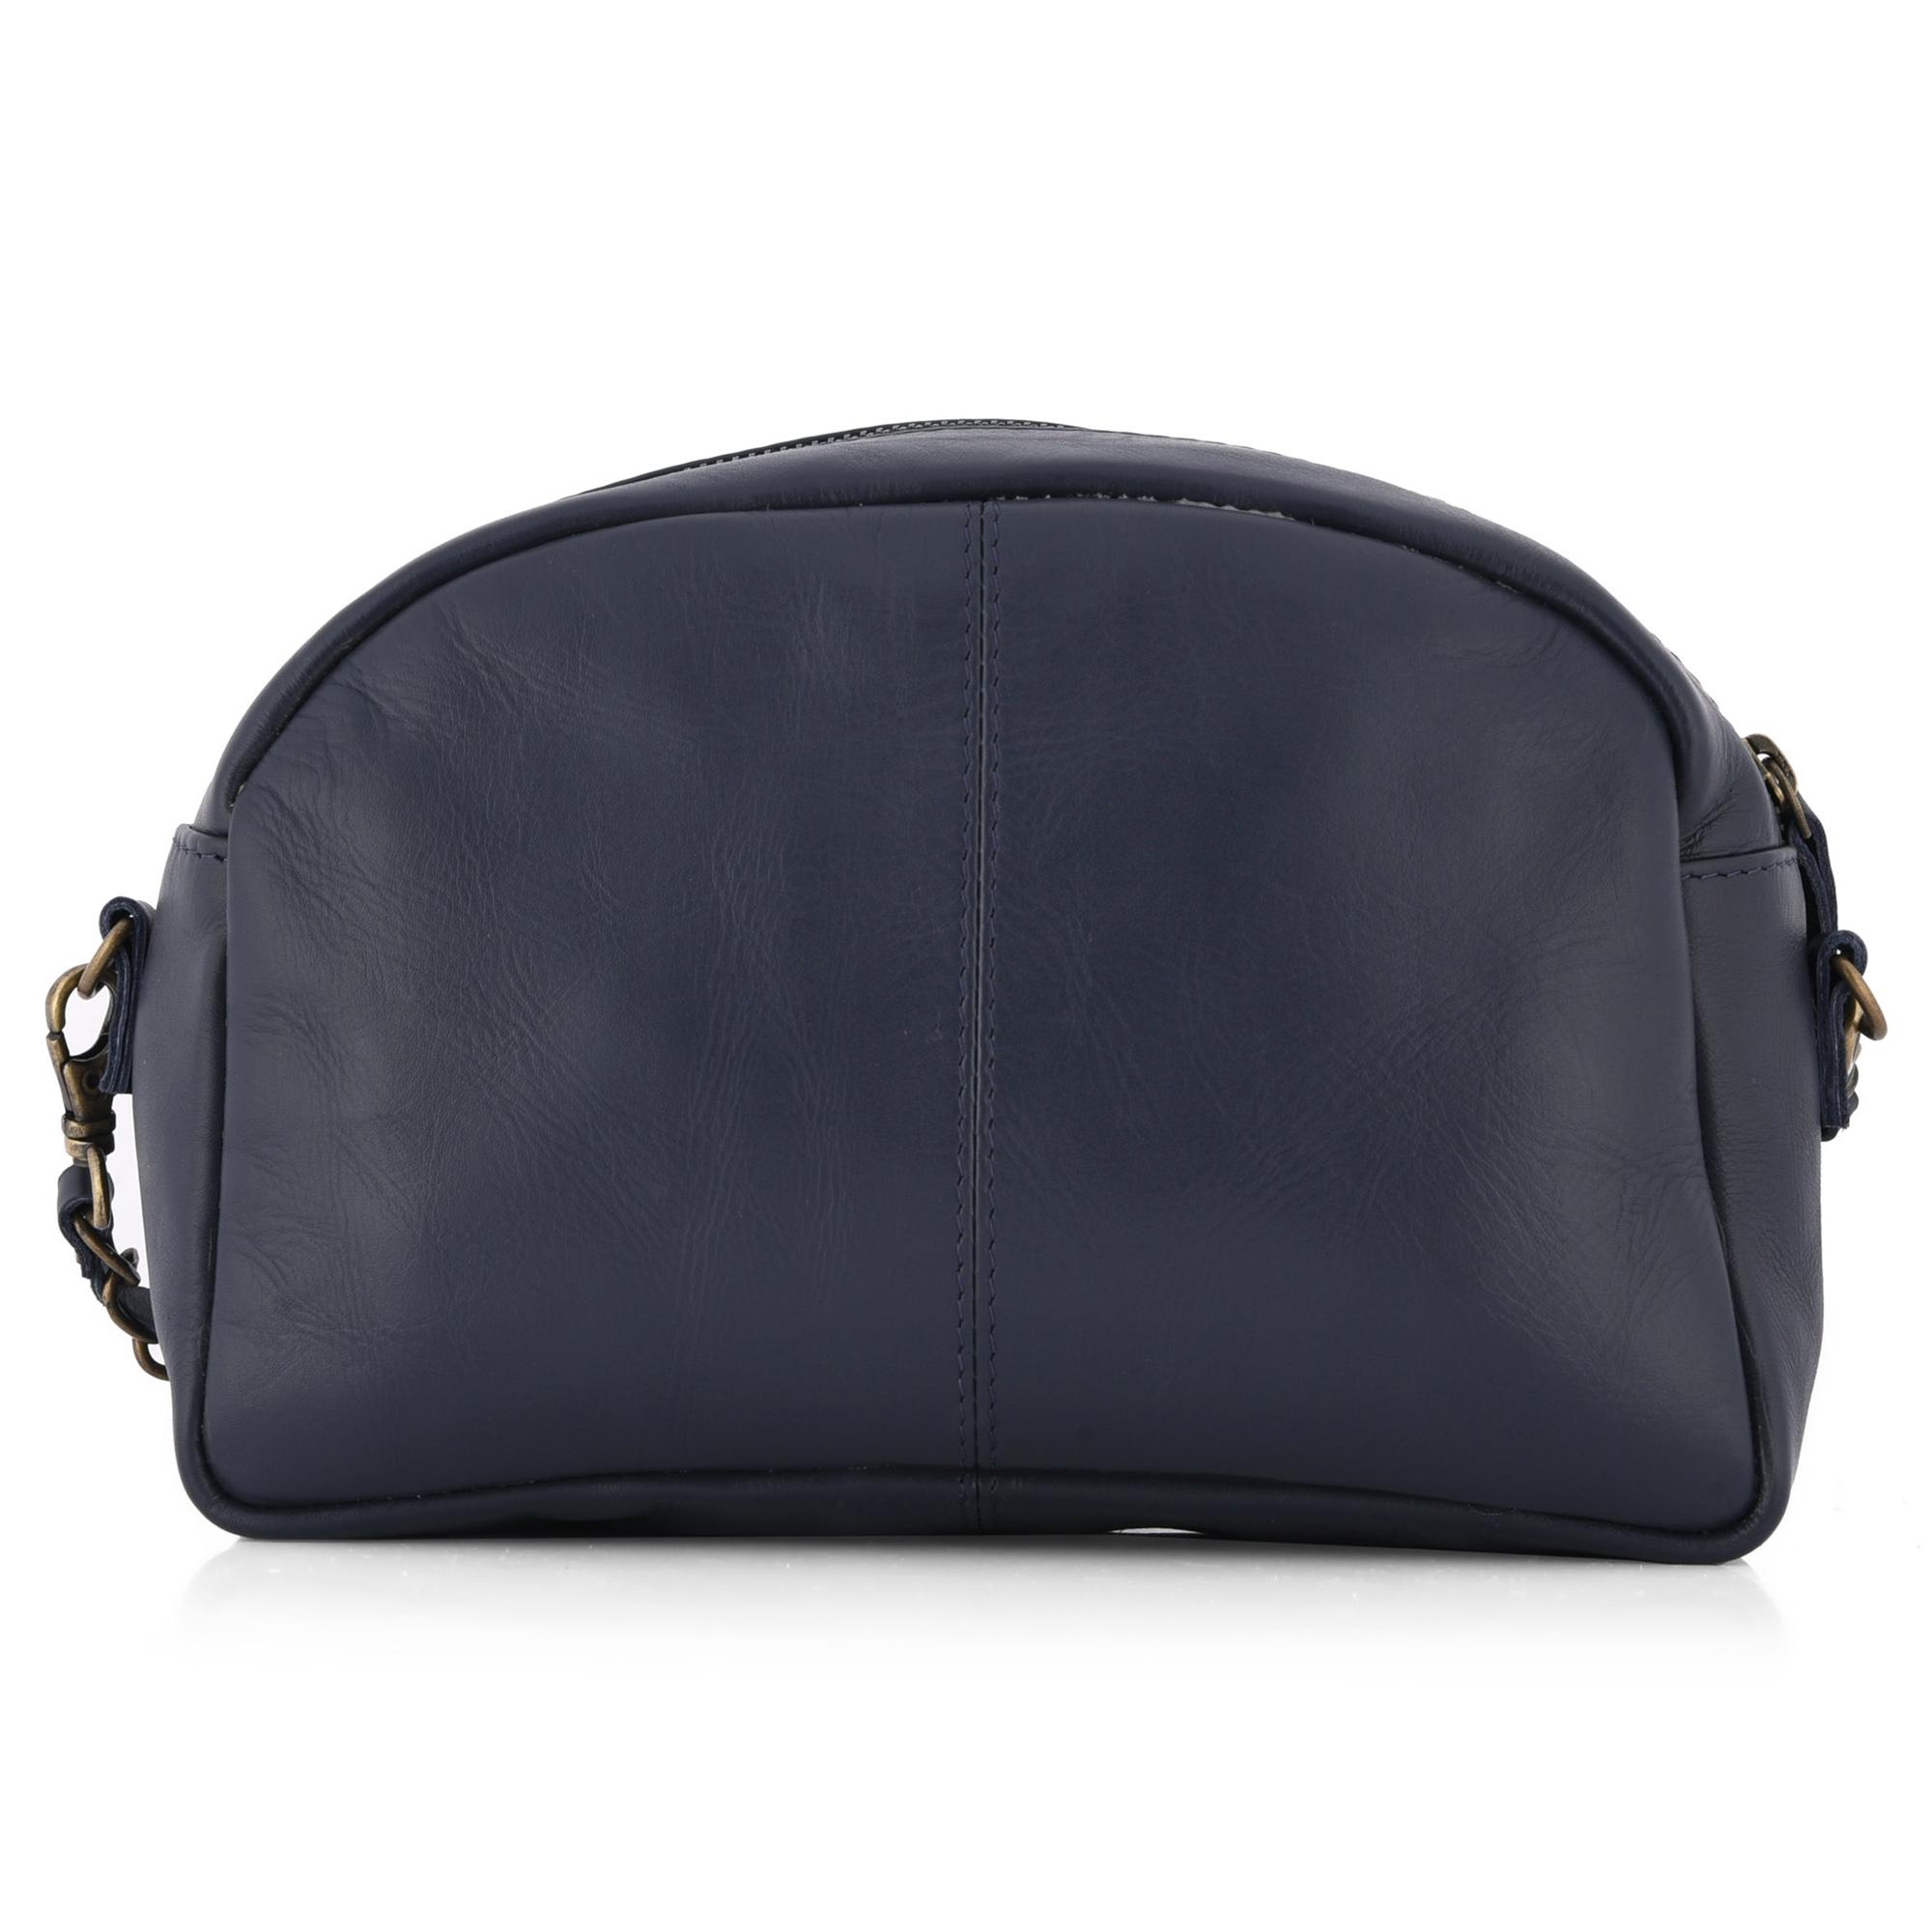 1190027_El Paso Quilted Bag_3